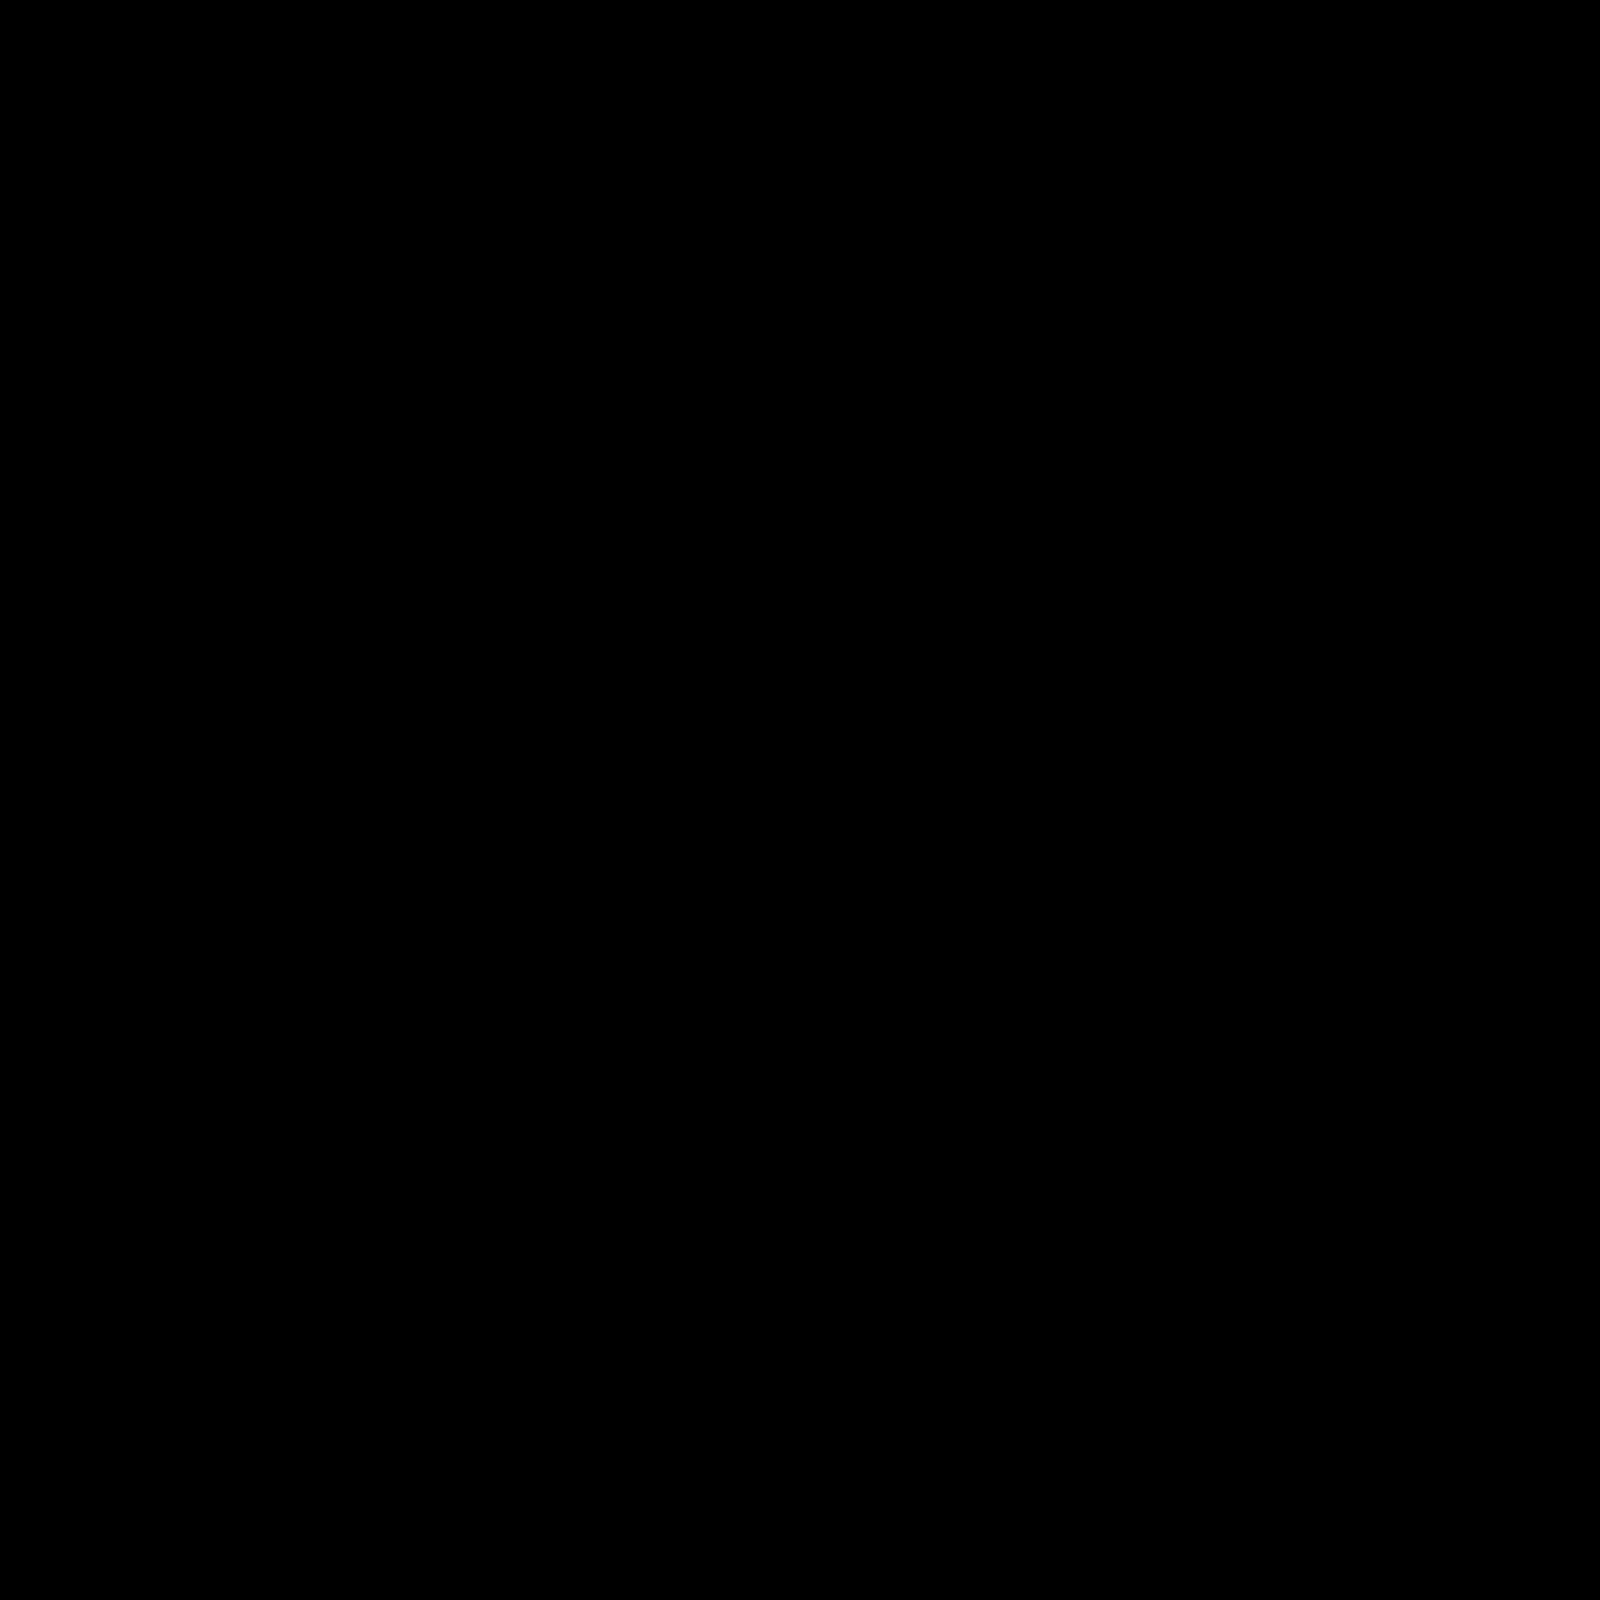 Umschlag Punkte icon